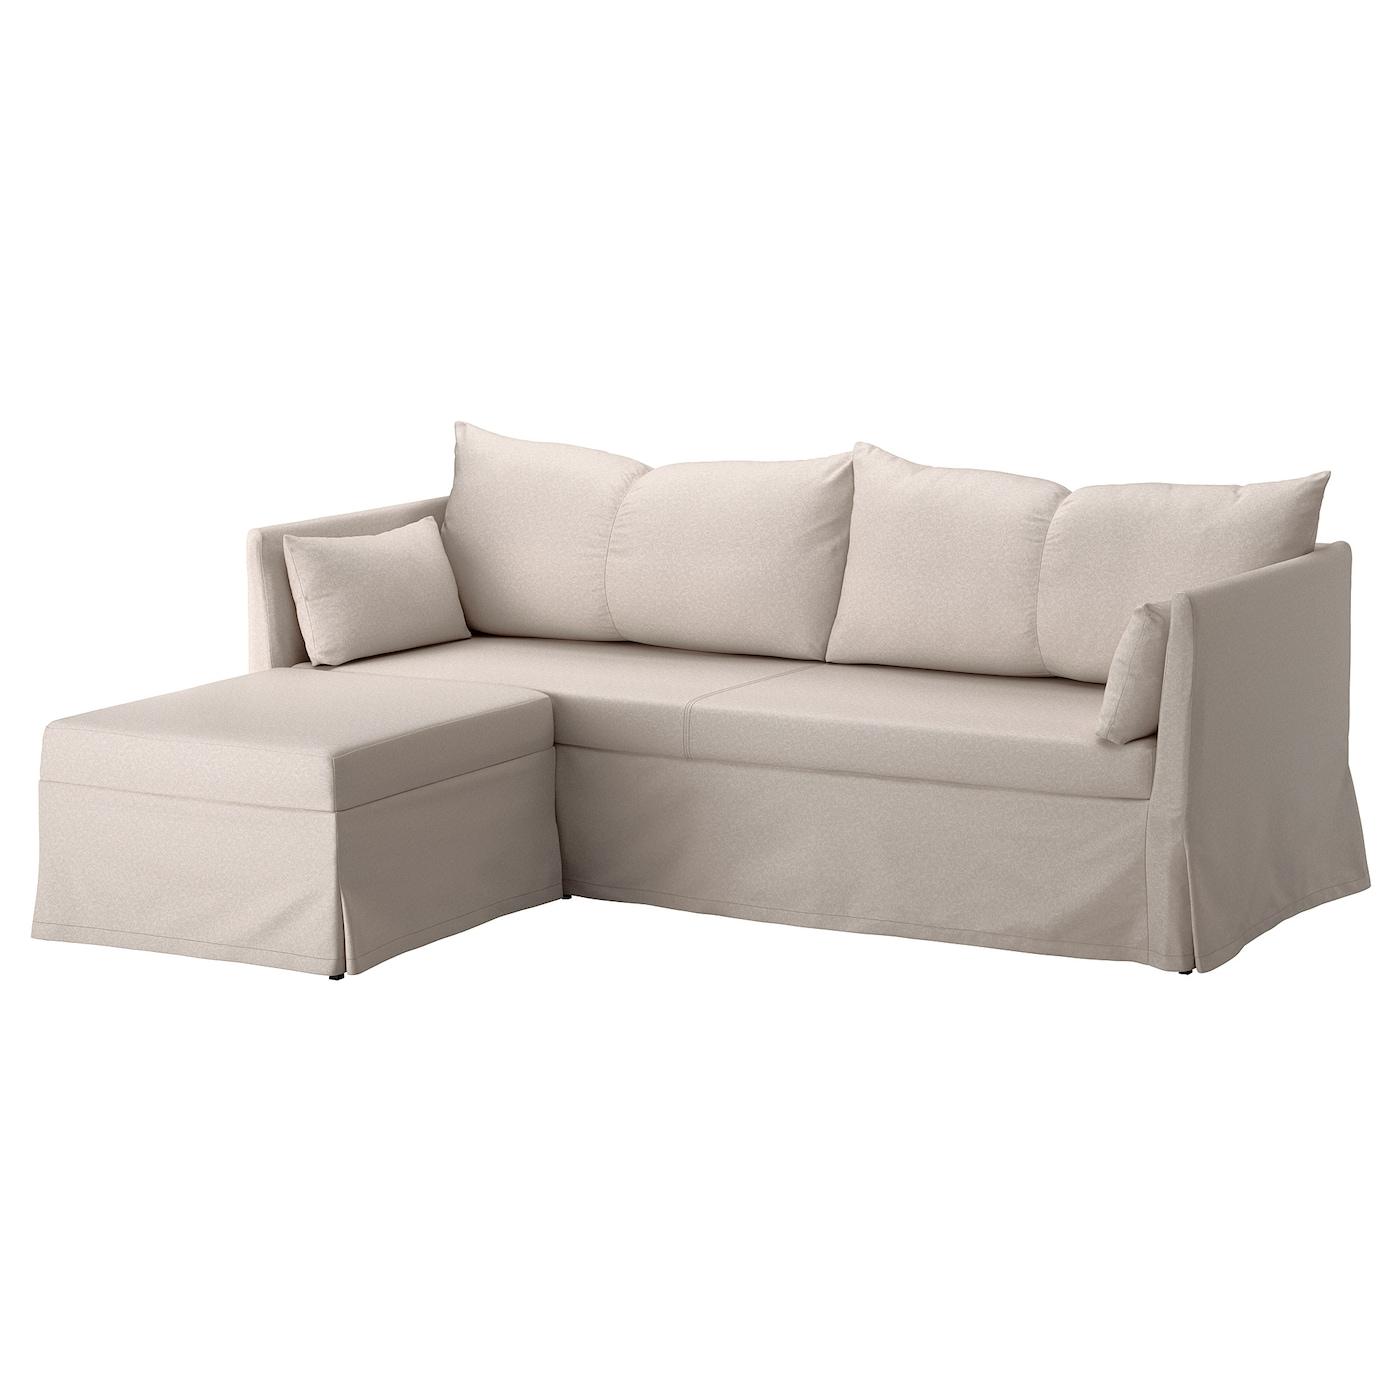 Sleeper Sleeper SeatLofallet Beige Sectional3 Sectional3 Sandbacken Sandbacken SeatLofallet orCBdxe